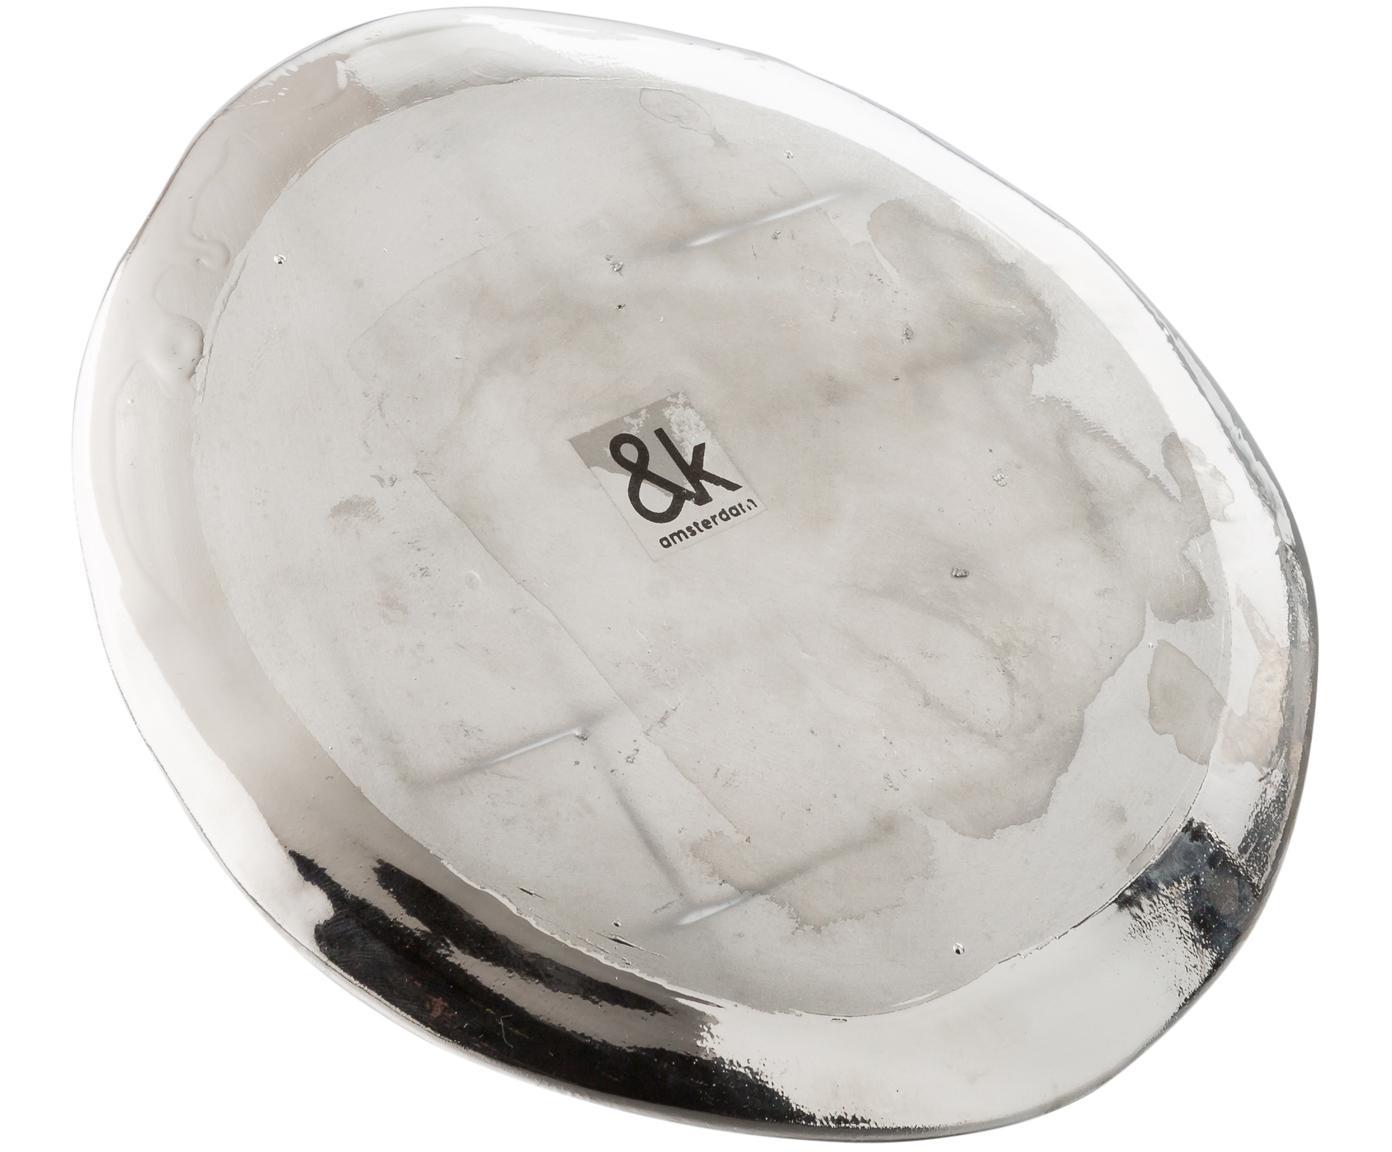 Komplet naczyń  Imperfect, 3 elem., Porcelana powlekana, Odcienie srebrnego, Różne rozmiary